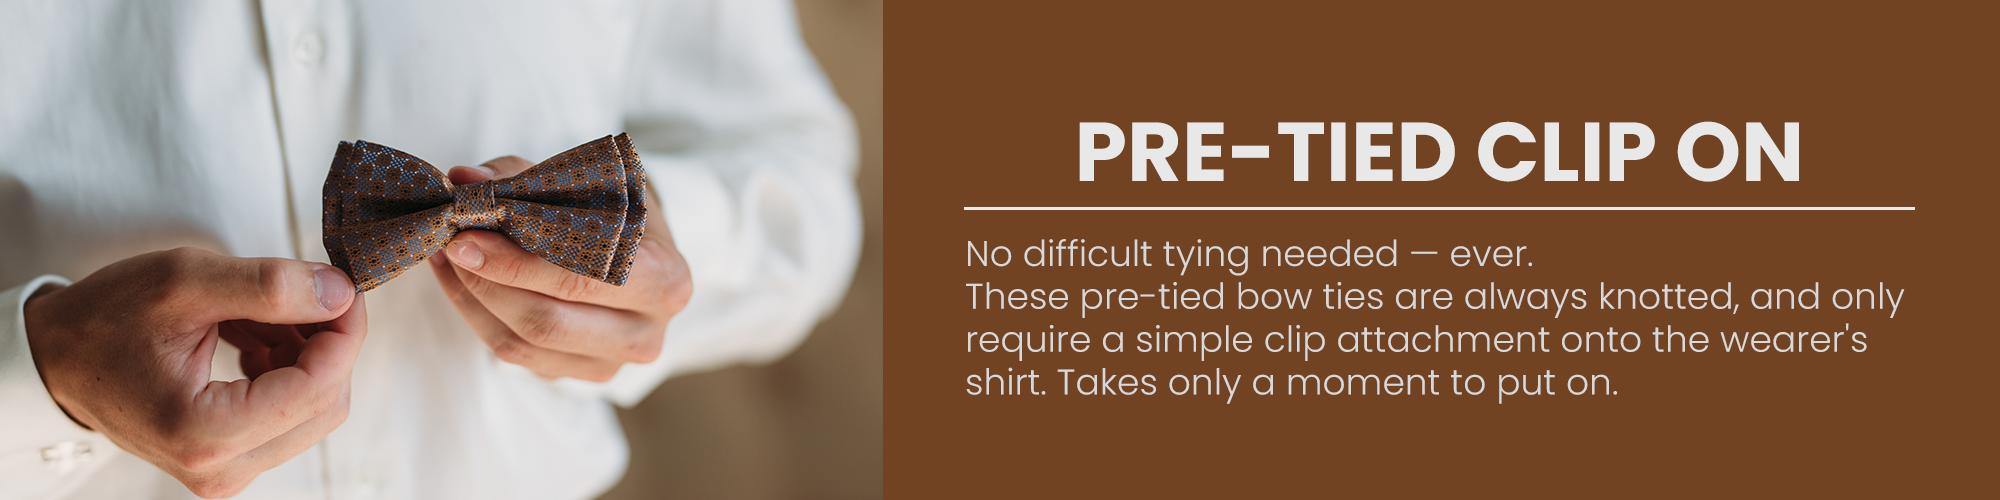 Pre-Tied Clip-On